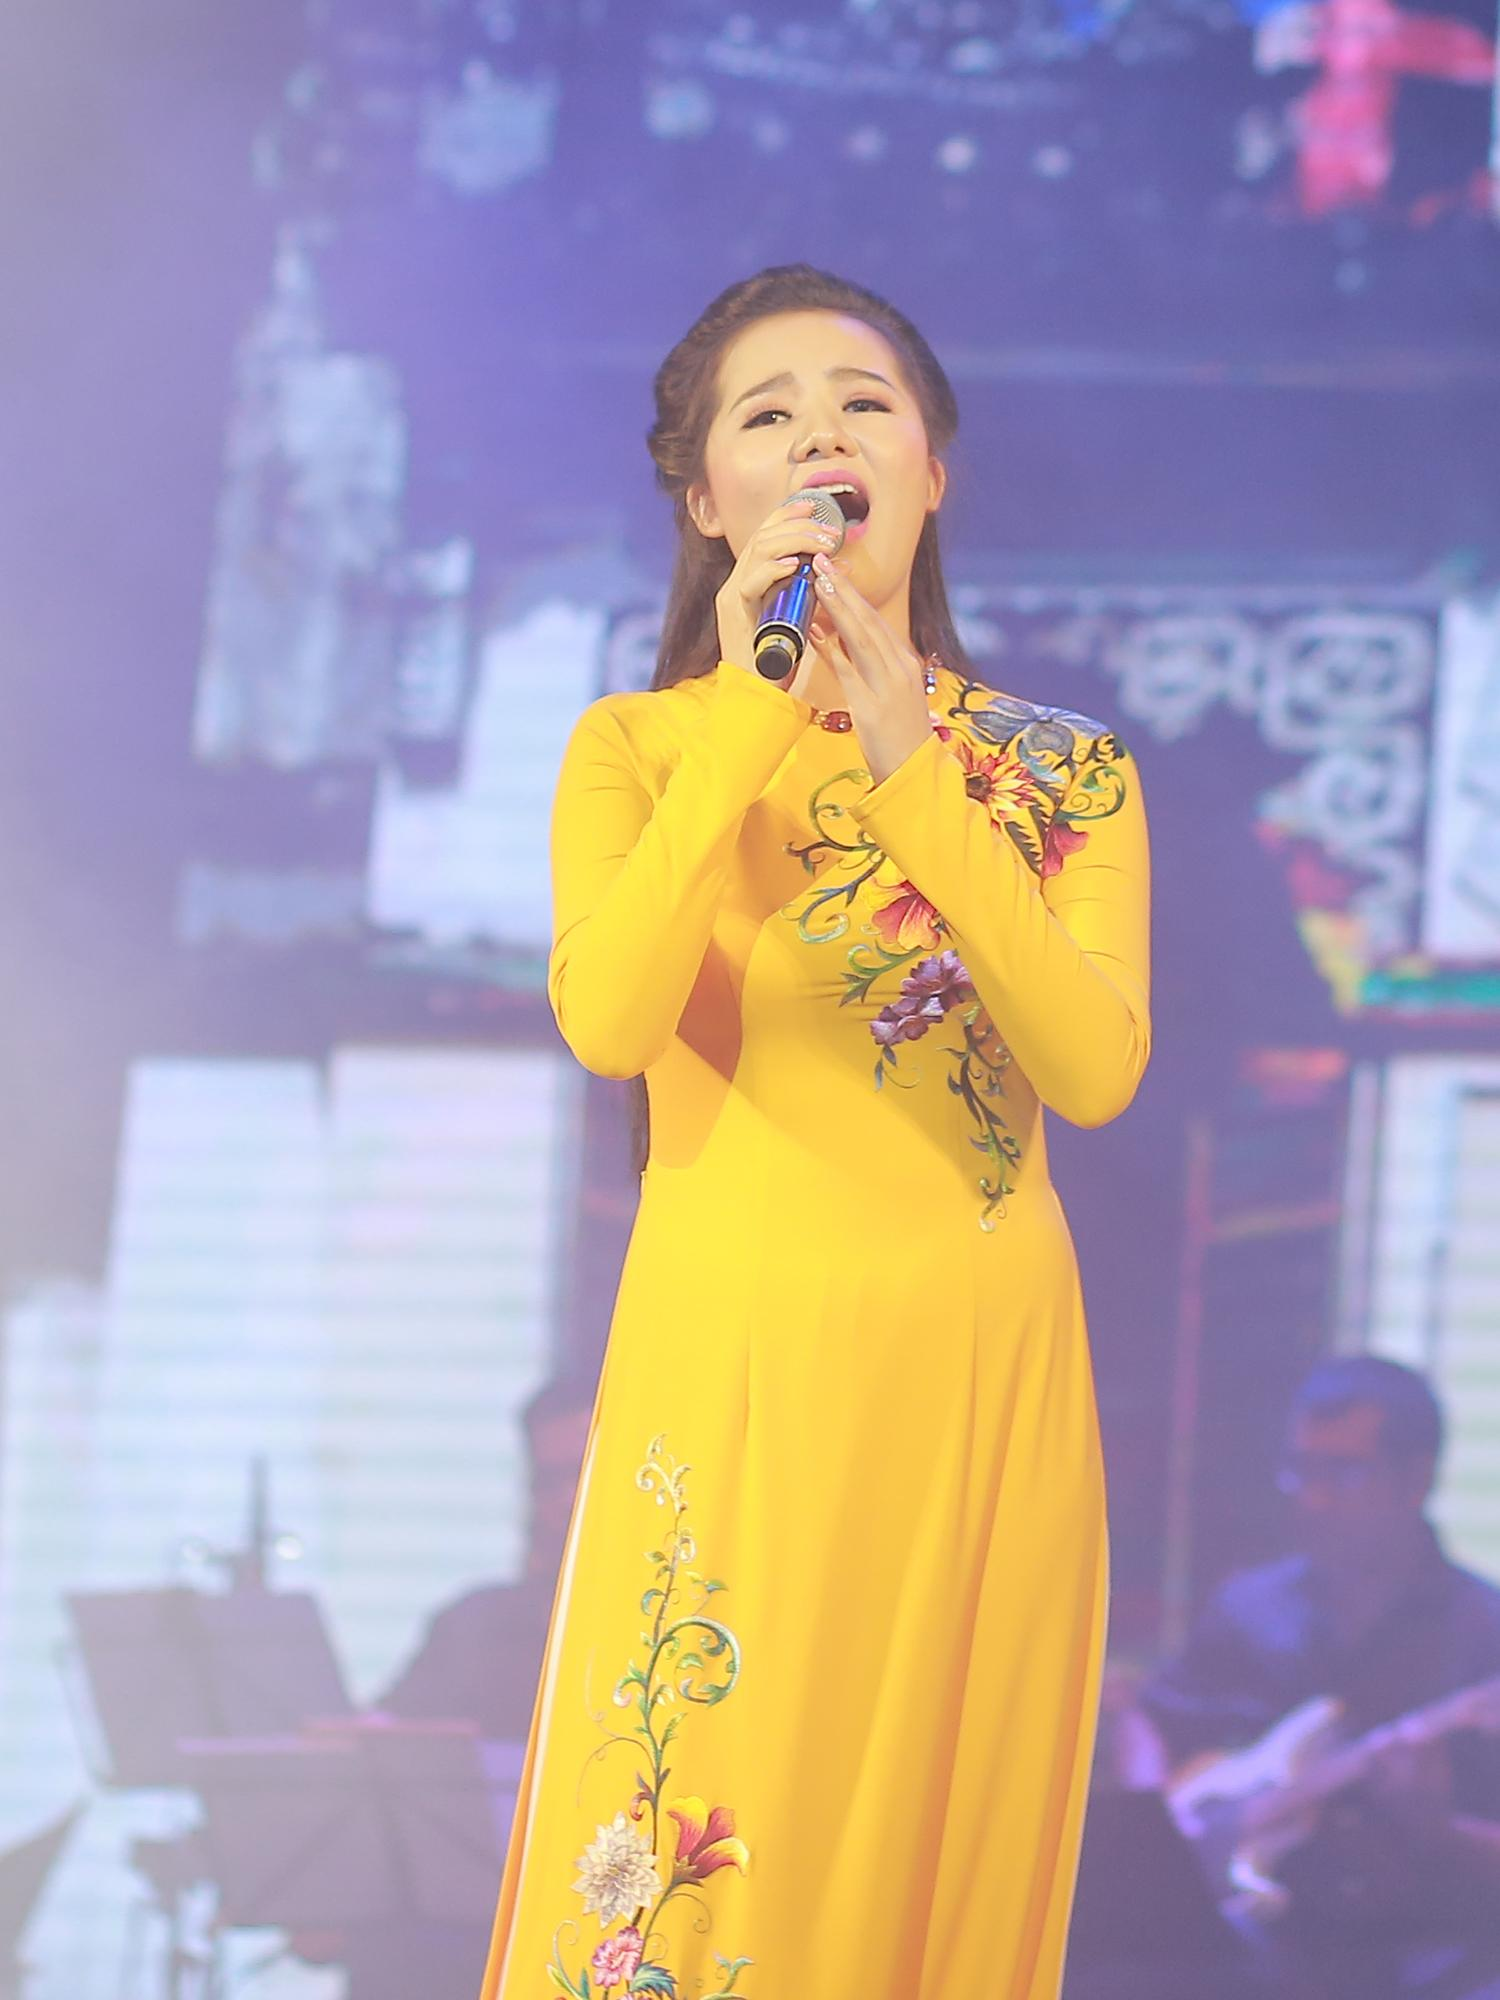 Hoa khôi Sao Mai Thùy Dung khiến khán giả rơi lệ ngày trở lại-5